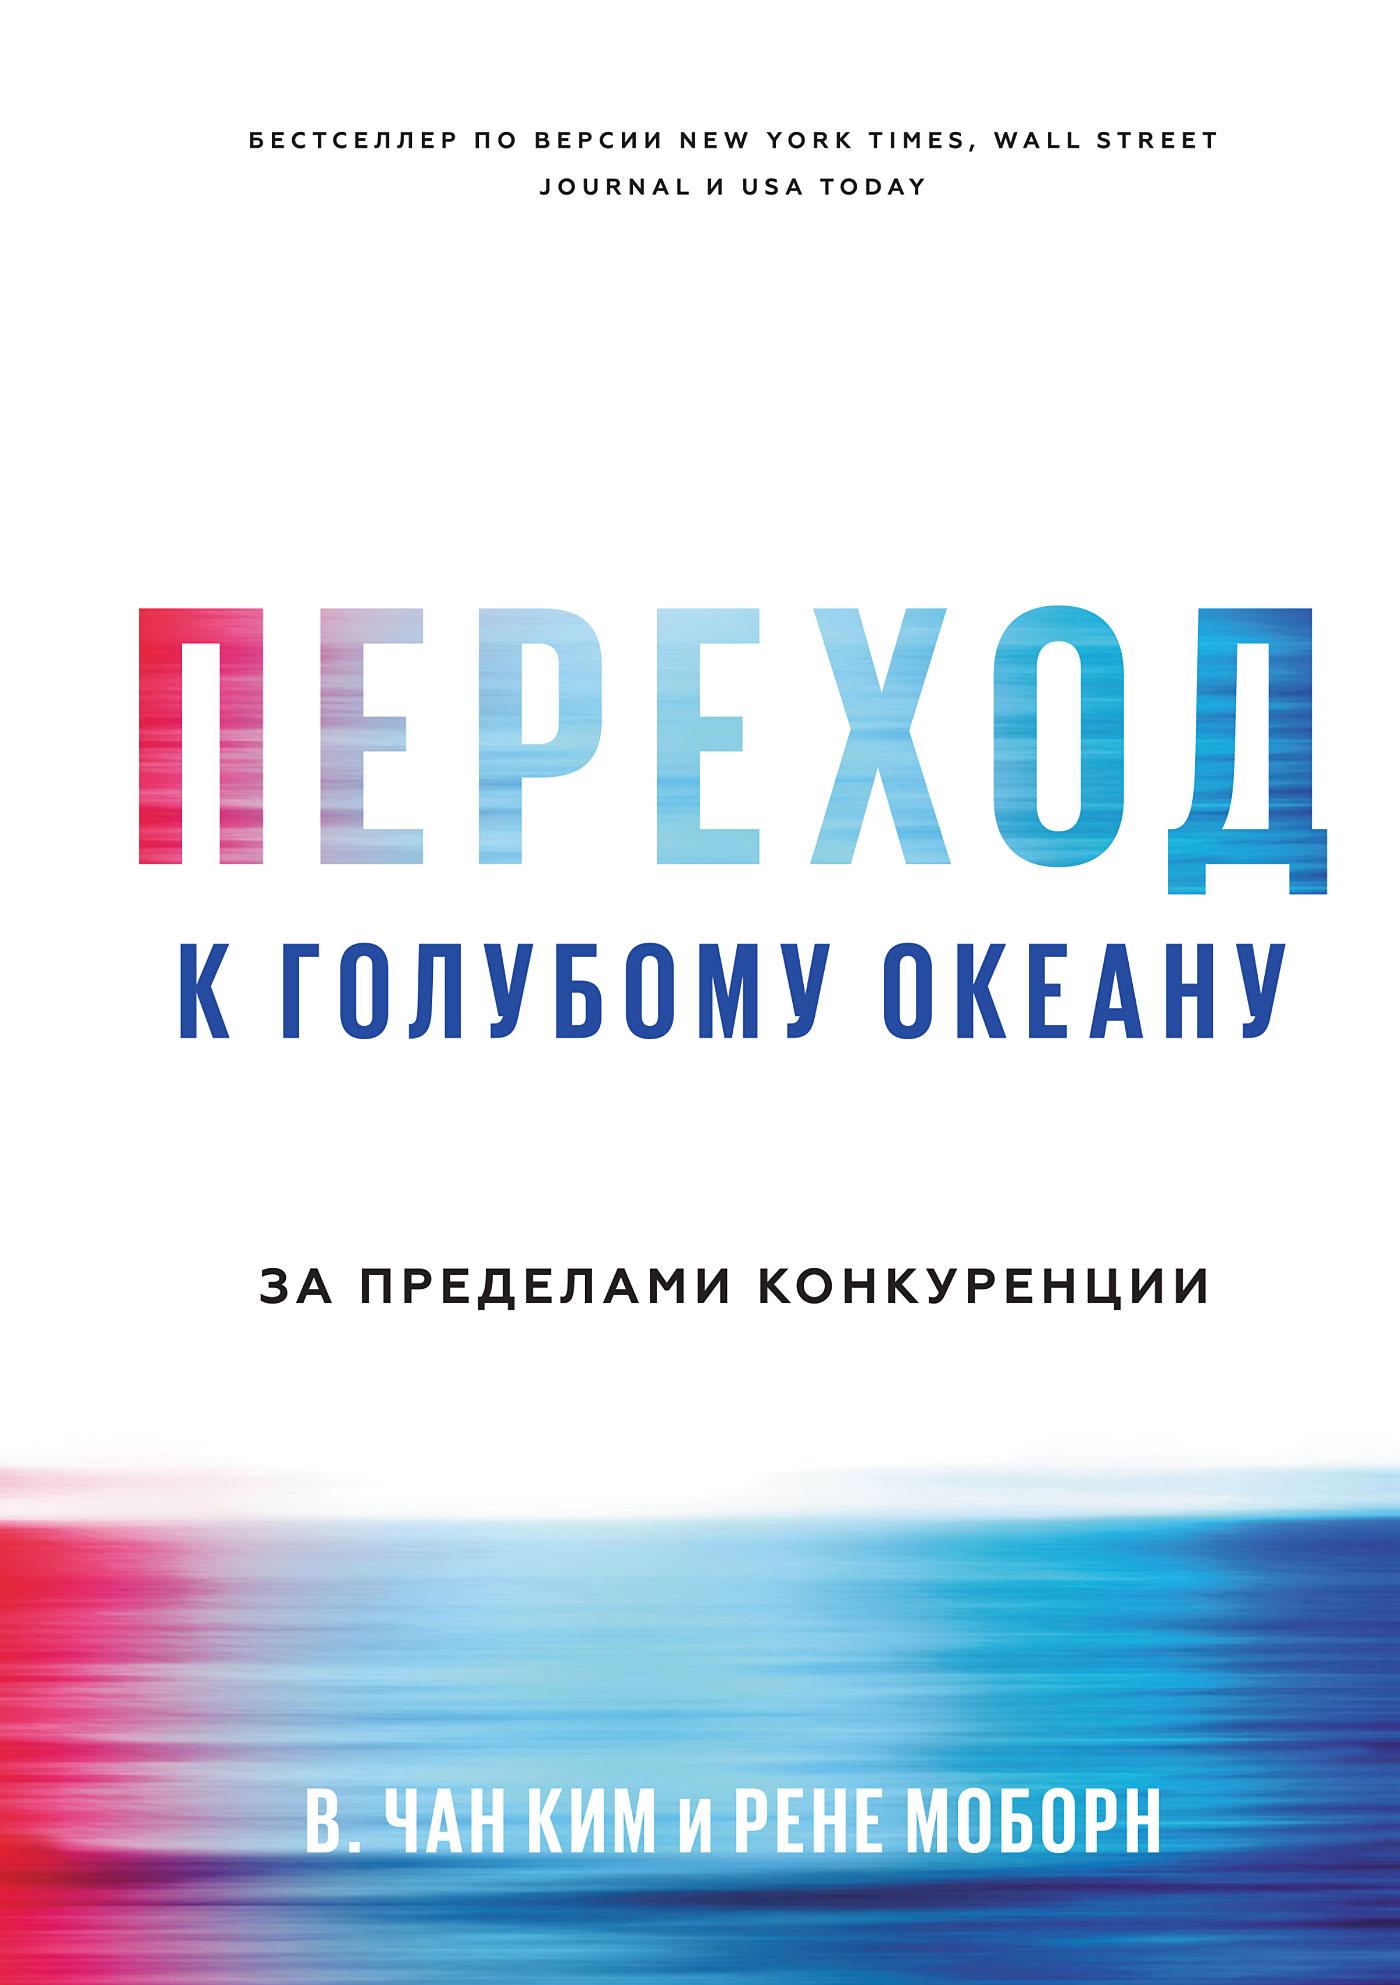 Обложка книги. Автор - Рене Моборн